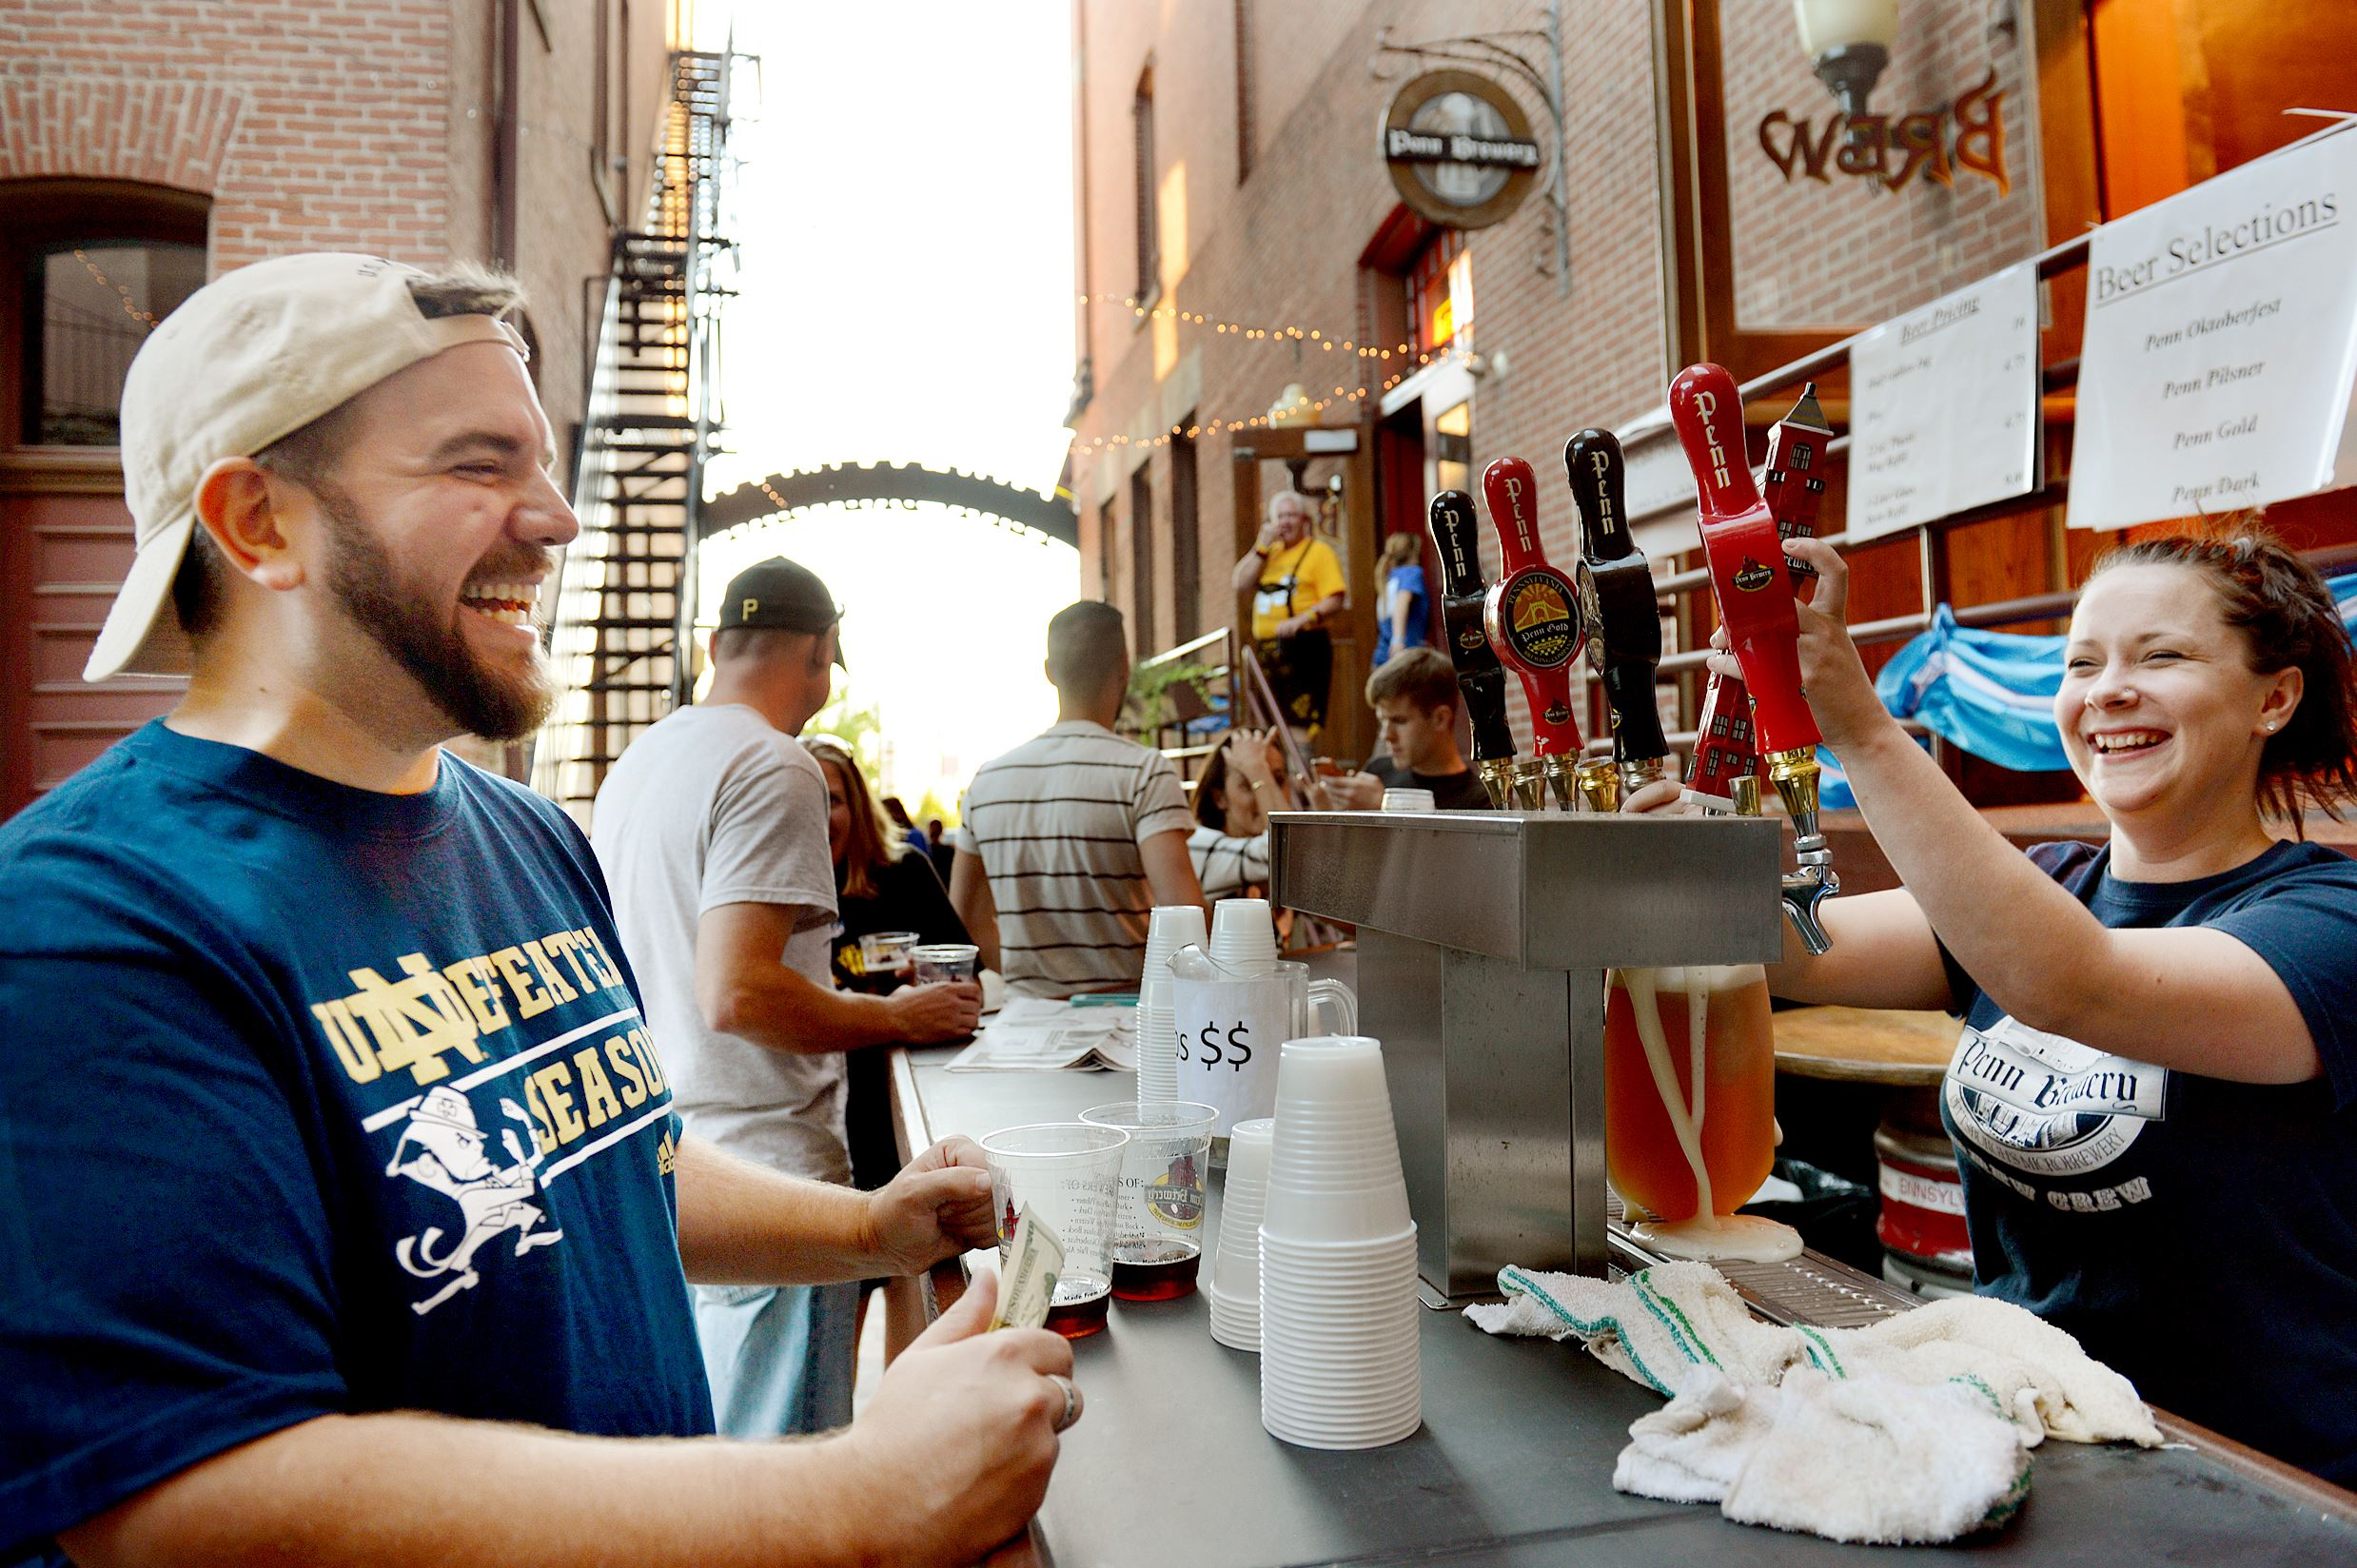 20140921jrOktoberfestMag1 Marie Kozak serves beer to Chris Miller of Esplen during Oktoberfest 2014 at Penn Brewery.